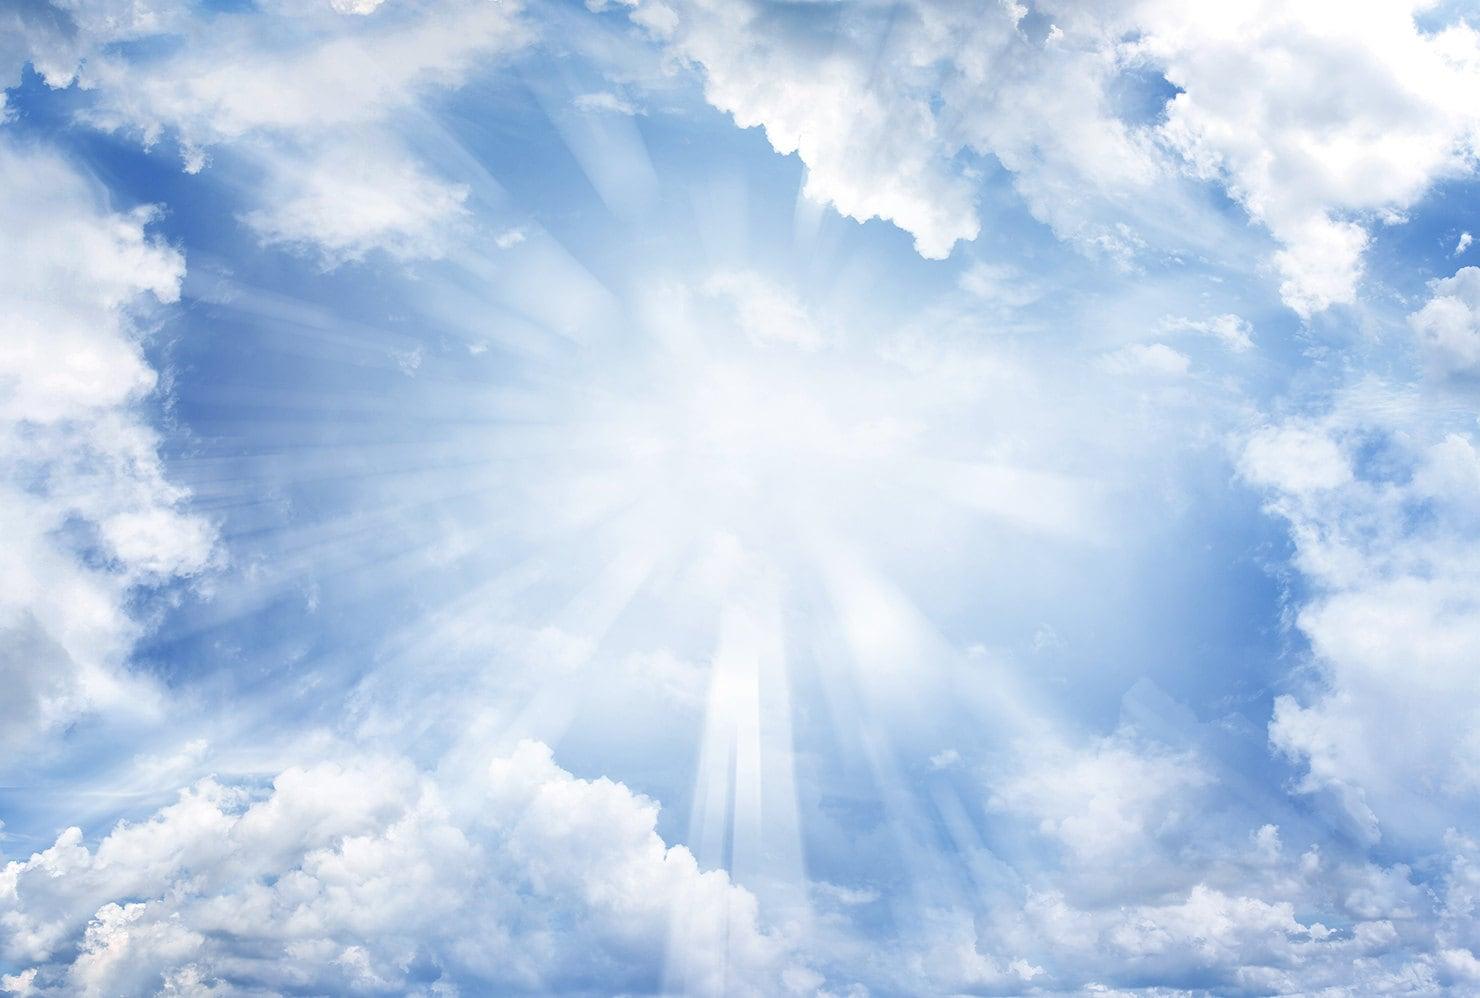 white cloud Backdrop blue sky sunshine hole Printed